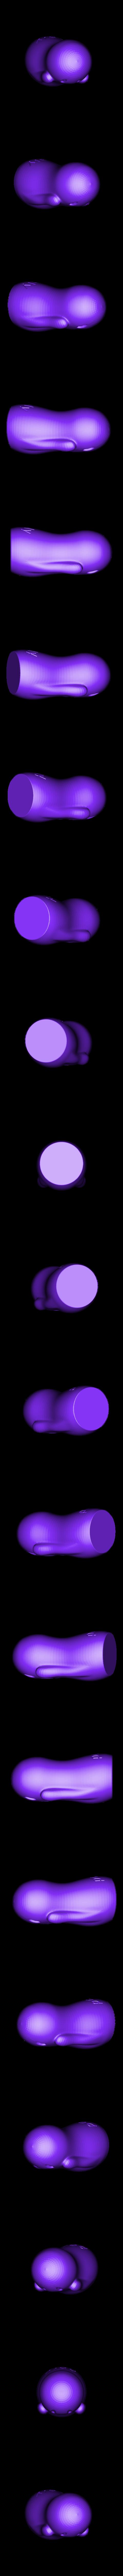 Big_Ghost.stl Download free STL file Ghost finger puppet • 3D printer design, Poly